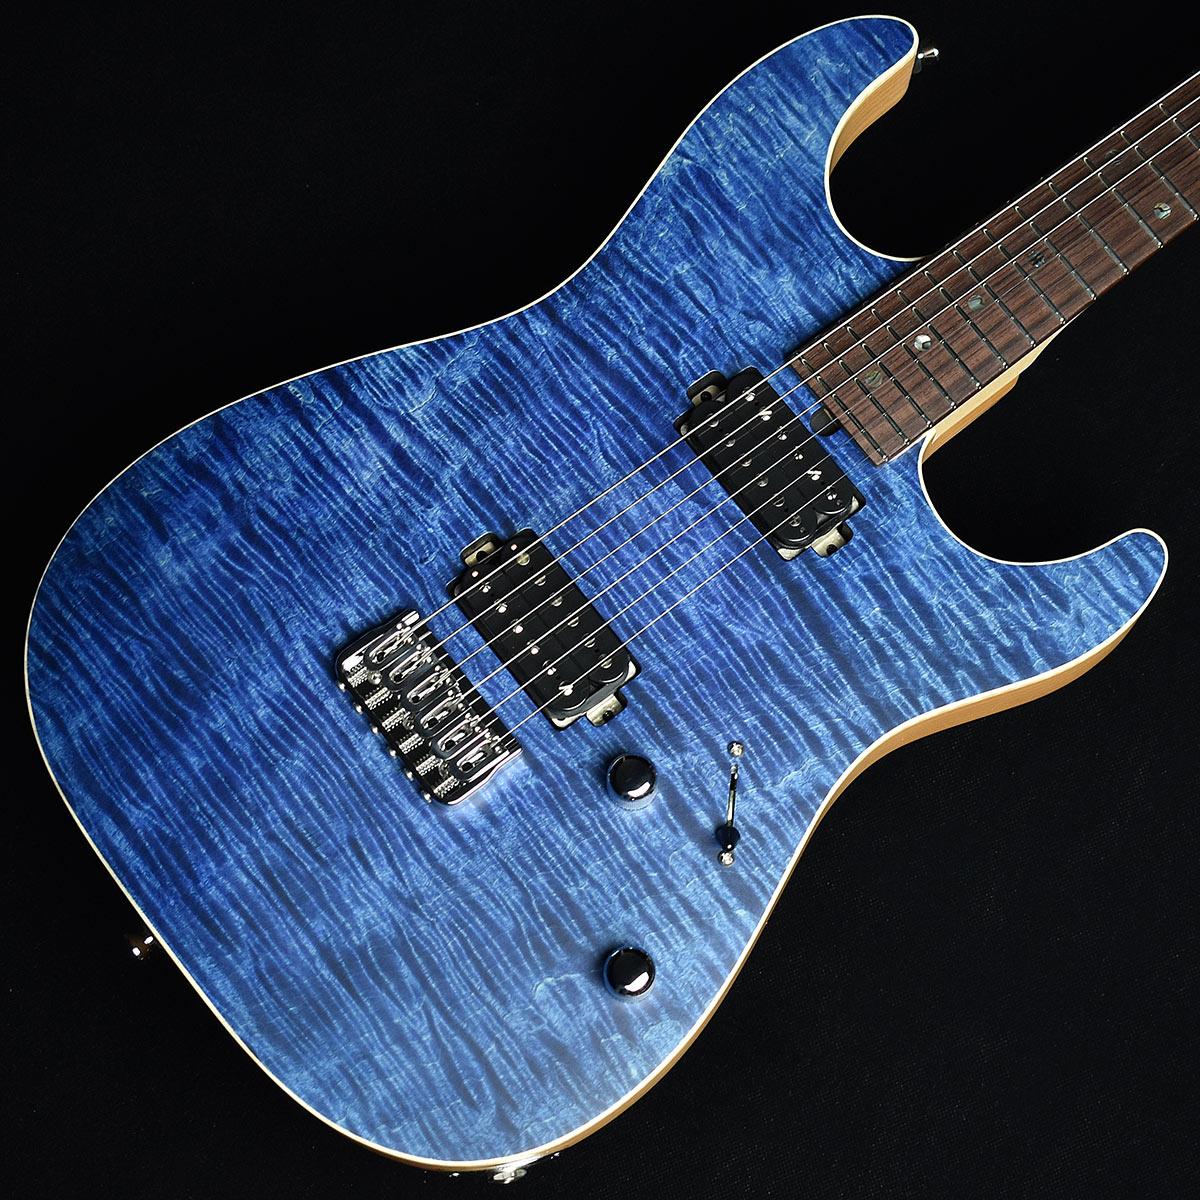 T's Guitars DST-Spider22 Arctic Blue 【ショップオーダー品】 【ティーズギター】【予約受付中:1月中旬以降お届け予定】